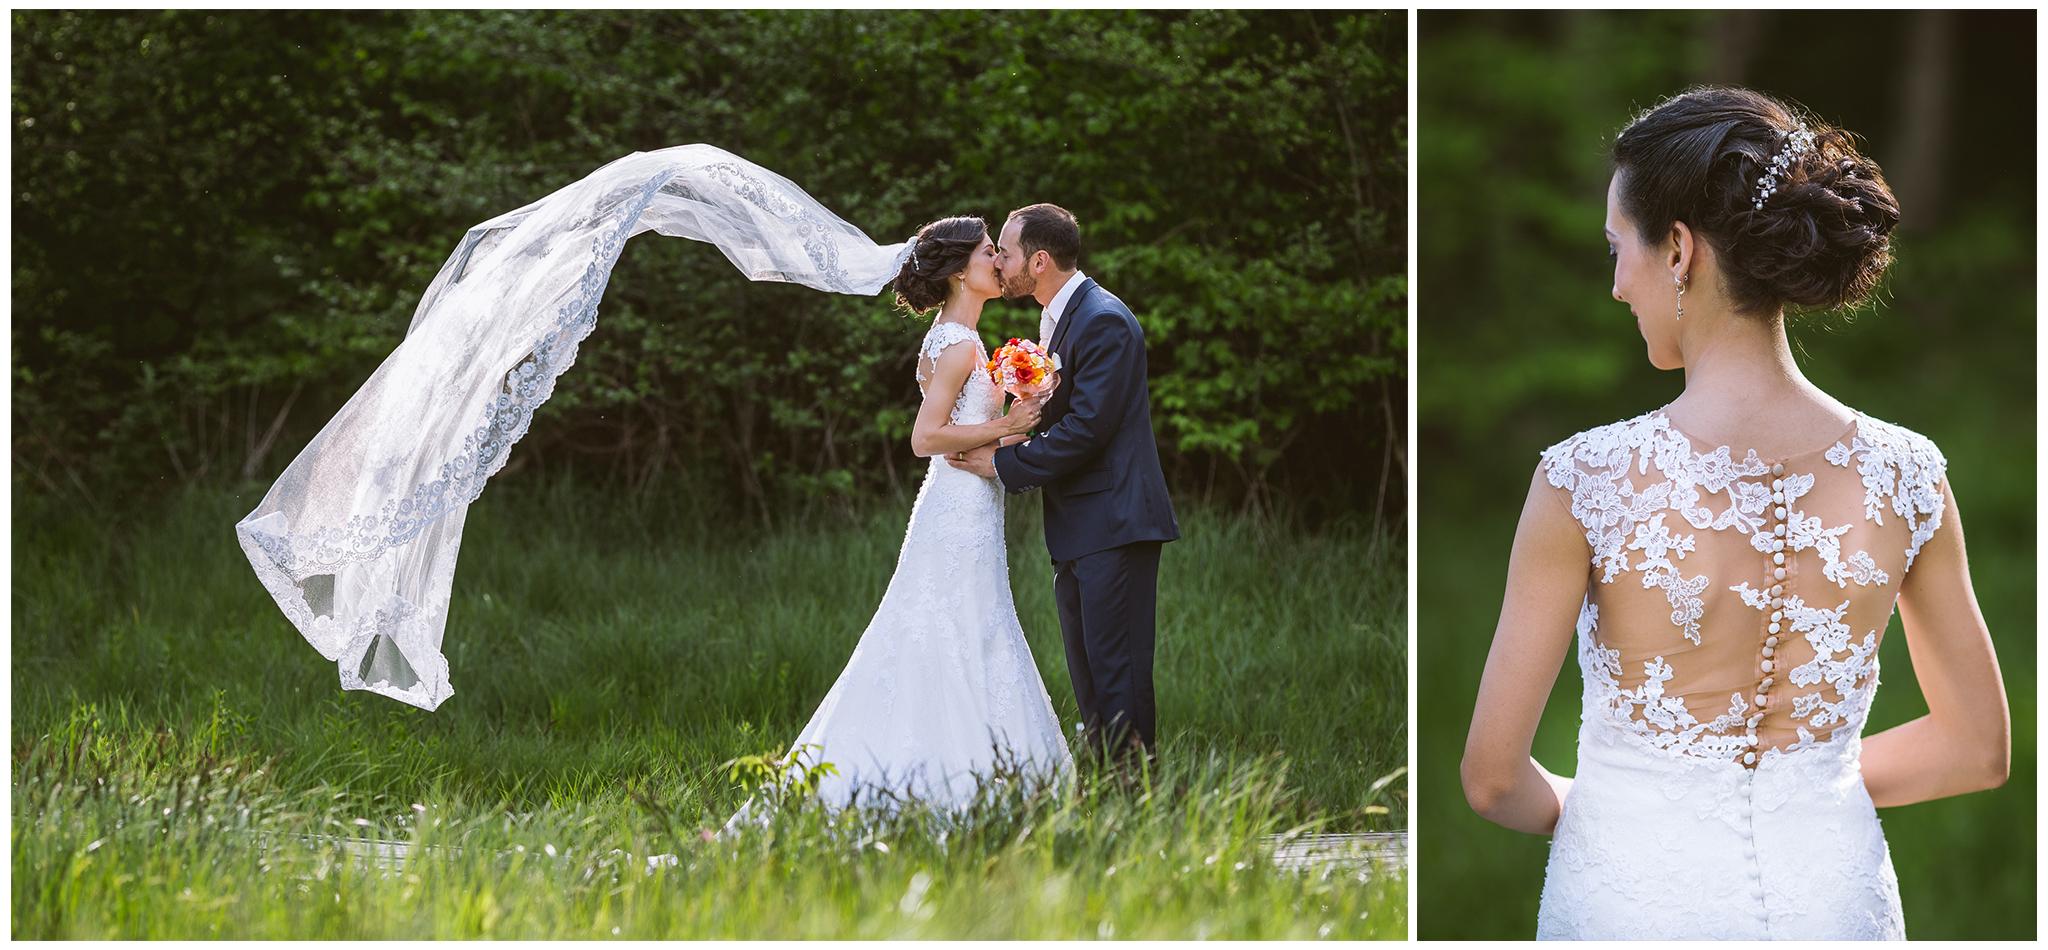 FylepPhoto, esküvőfotós, esküvői fotós Körmend, Szombathely, esküvőfotózás, magyarország, vas megye, prémium, jegyesfotózás, Fülöp Péter, körmend, kreatív, fotográfus_003.jpg